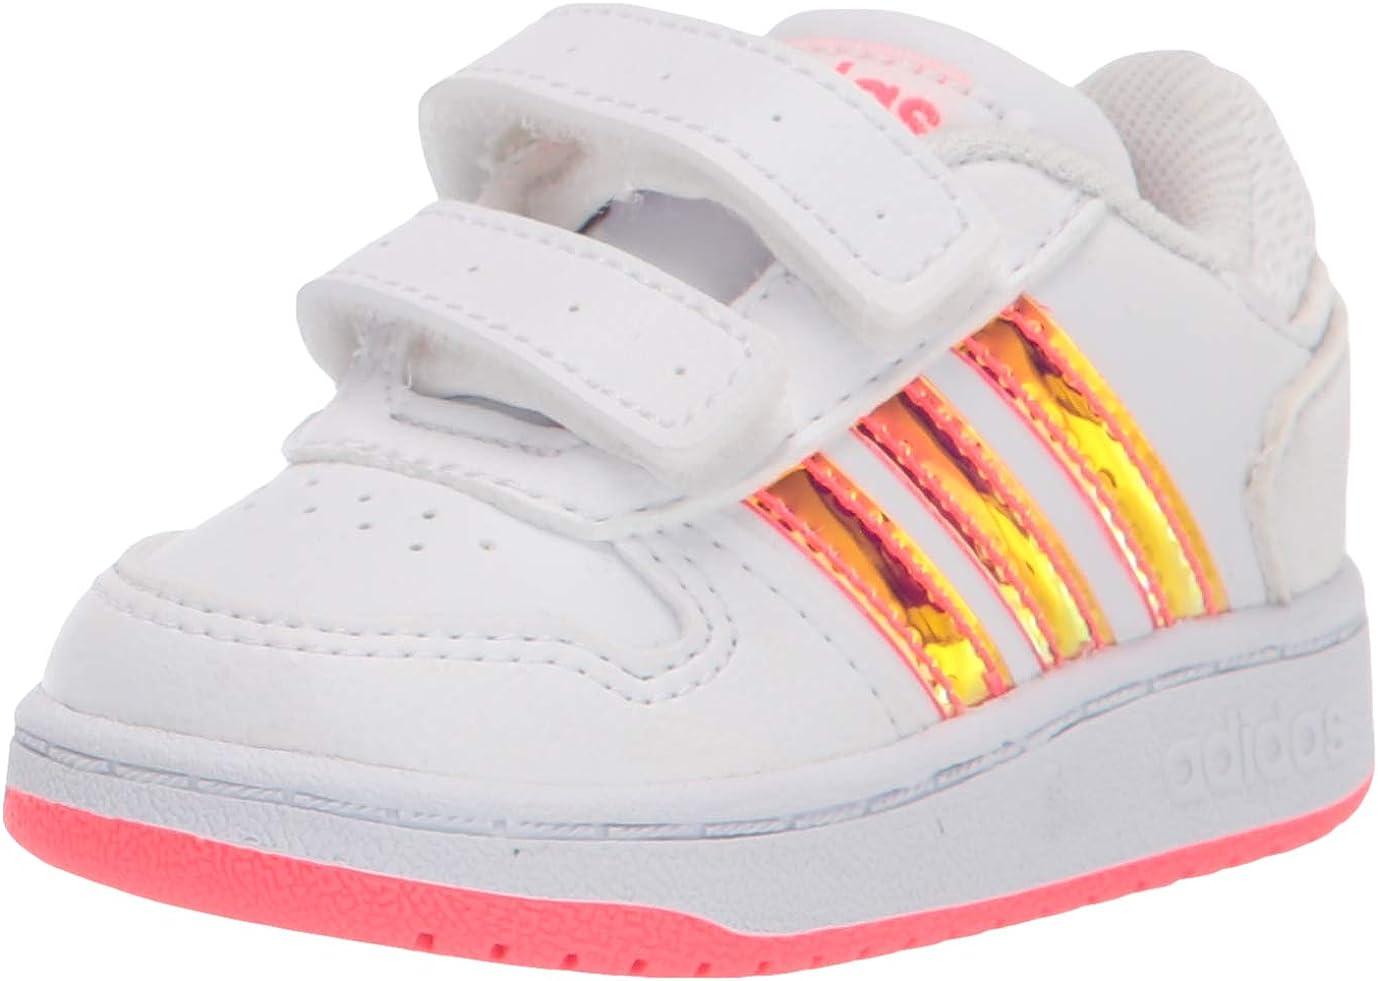 adidas Unisex-Child Hoops 2.0 CMF Basketball Shoe